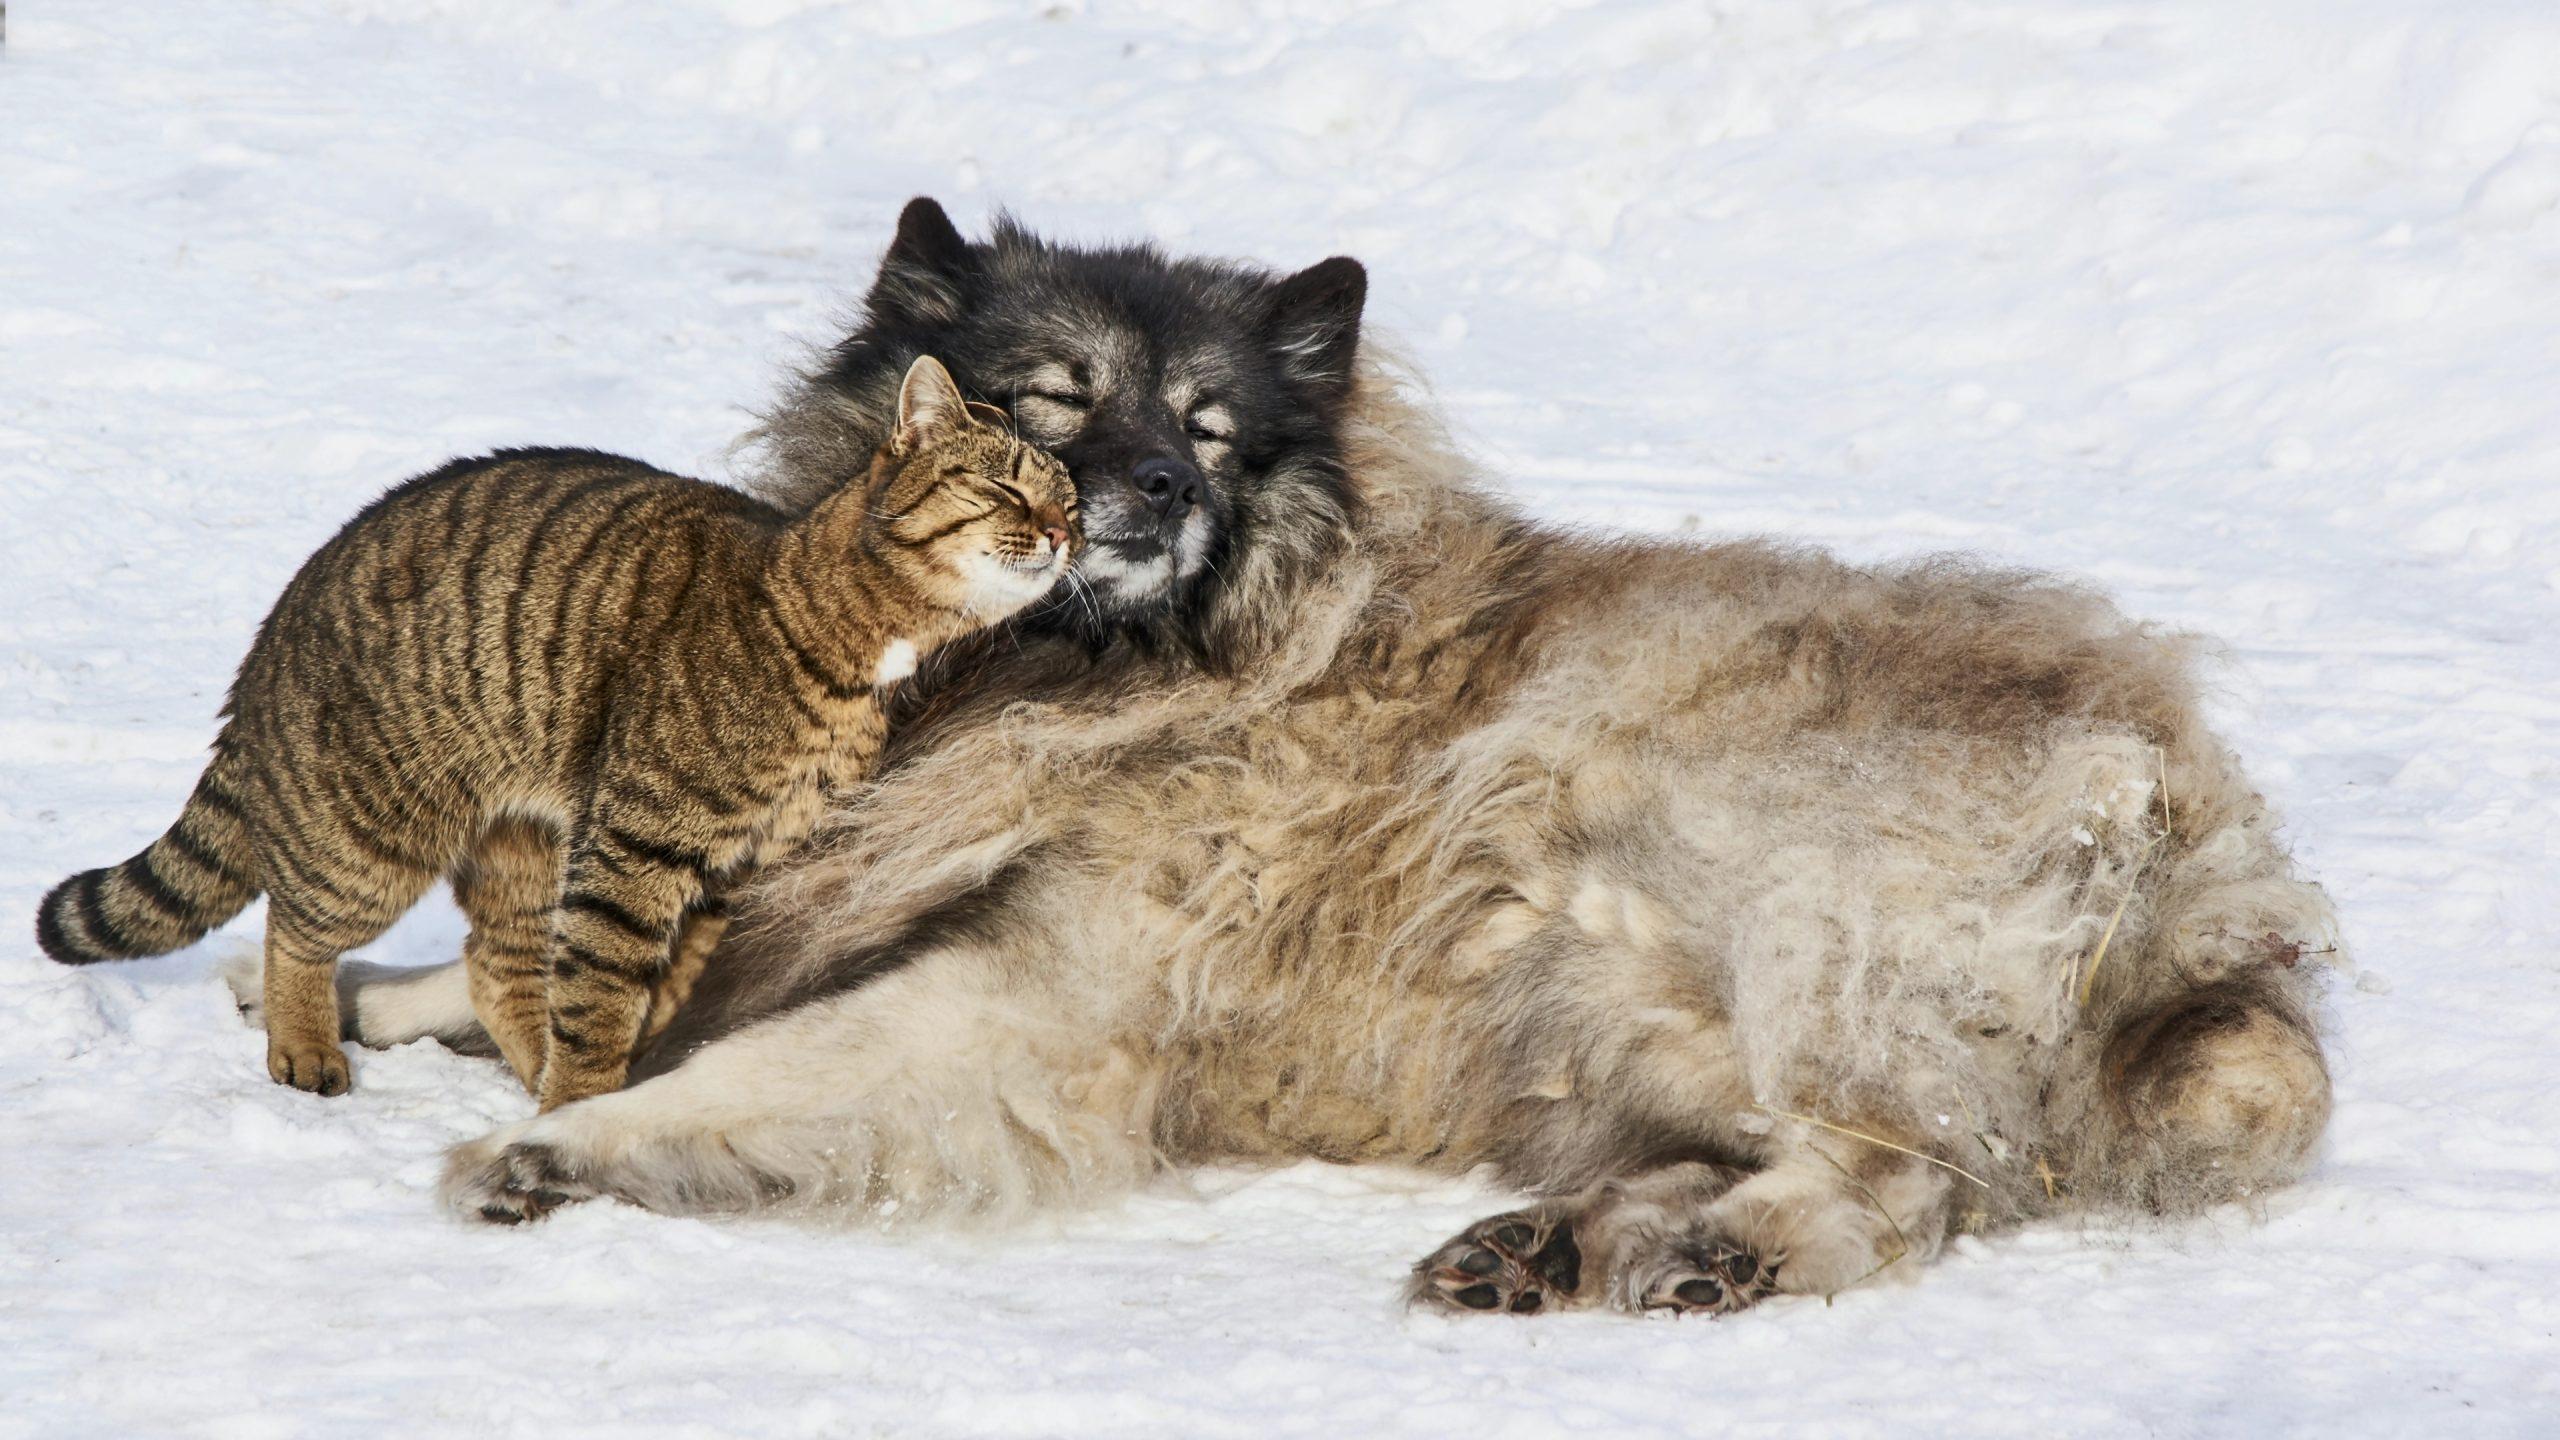 Katzenbilder Kostenlos Ausdrucken bestimmt für Katzenbilder Zum Ausdrucken